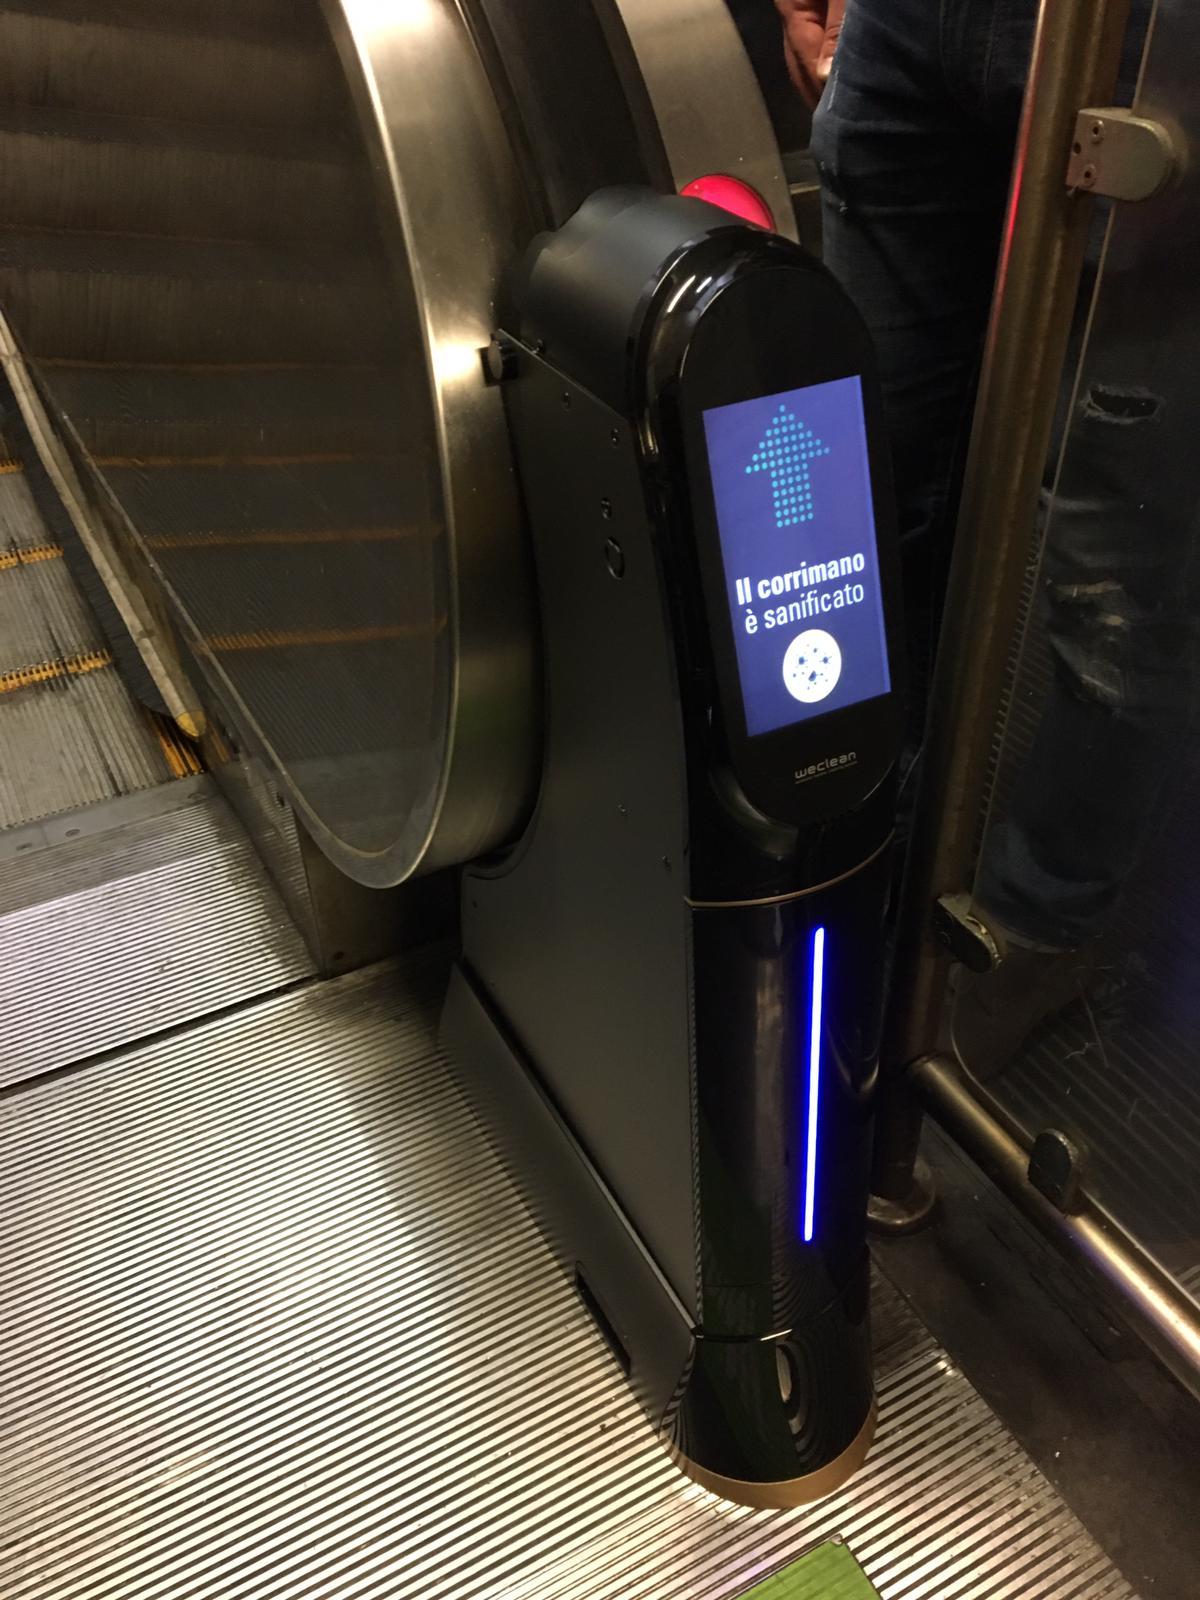 이태리 나폴리 지역의 지하철역에 설치된 위클린의 모습